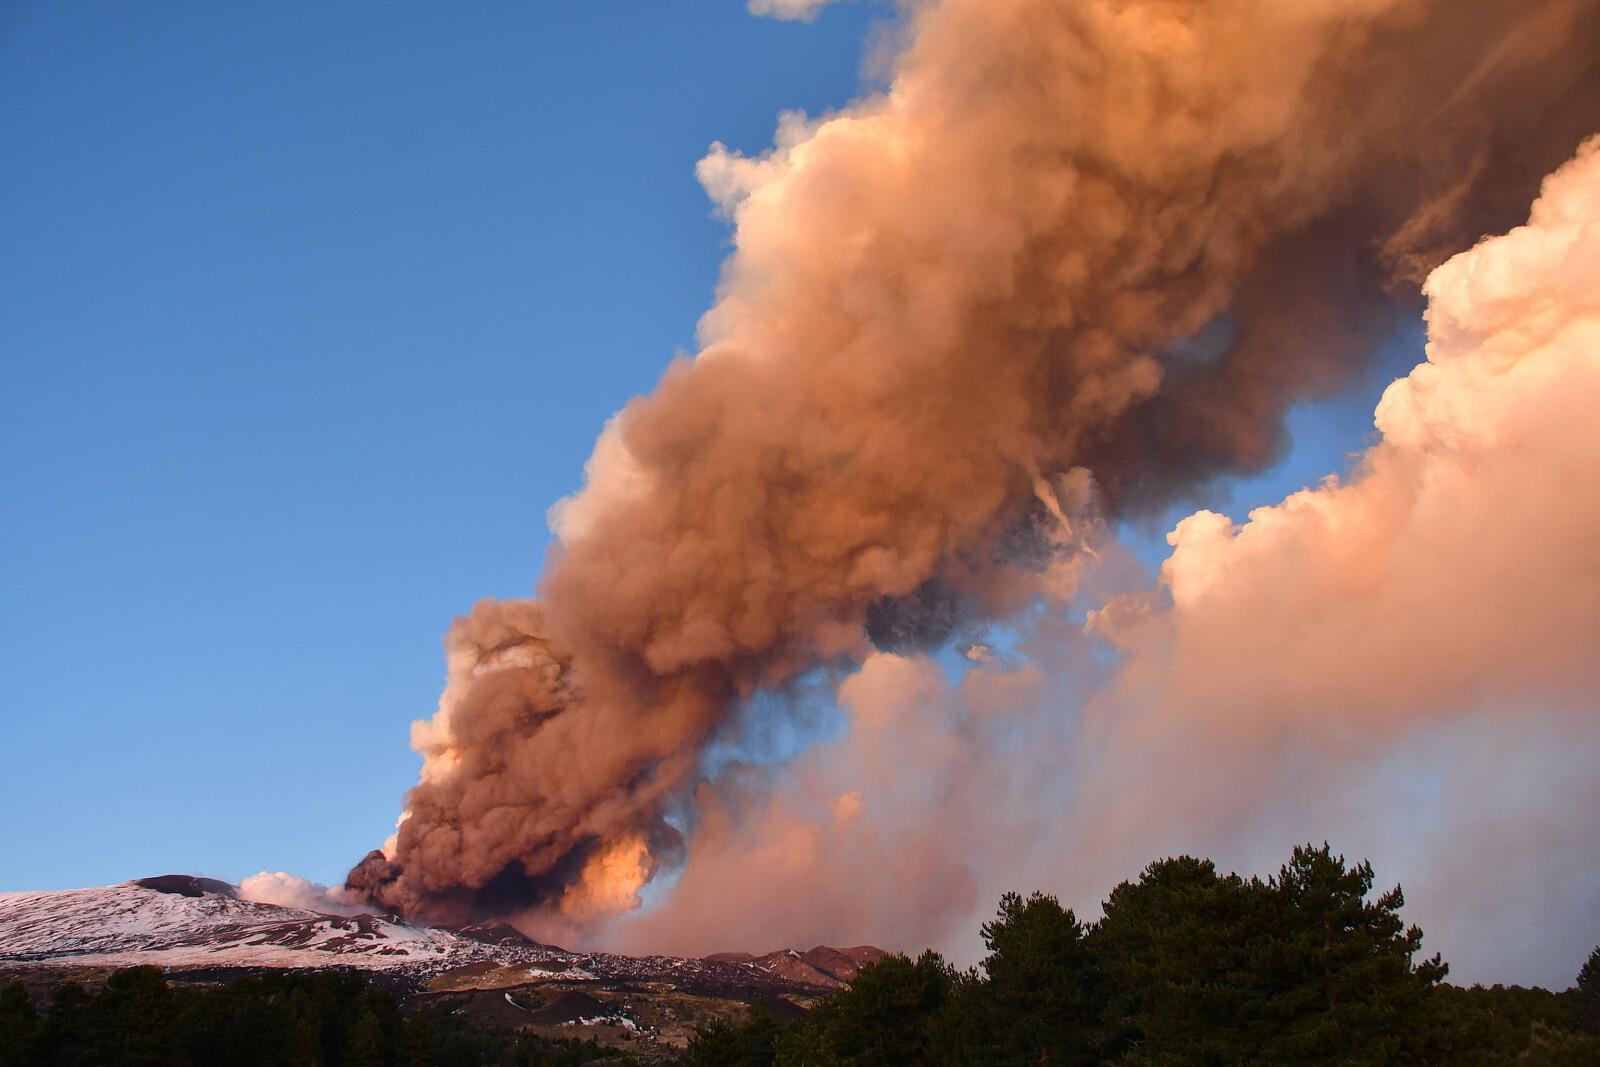 fot. PAP/EPA/ORIETTA SCARDINO